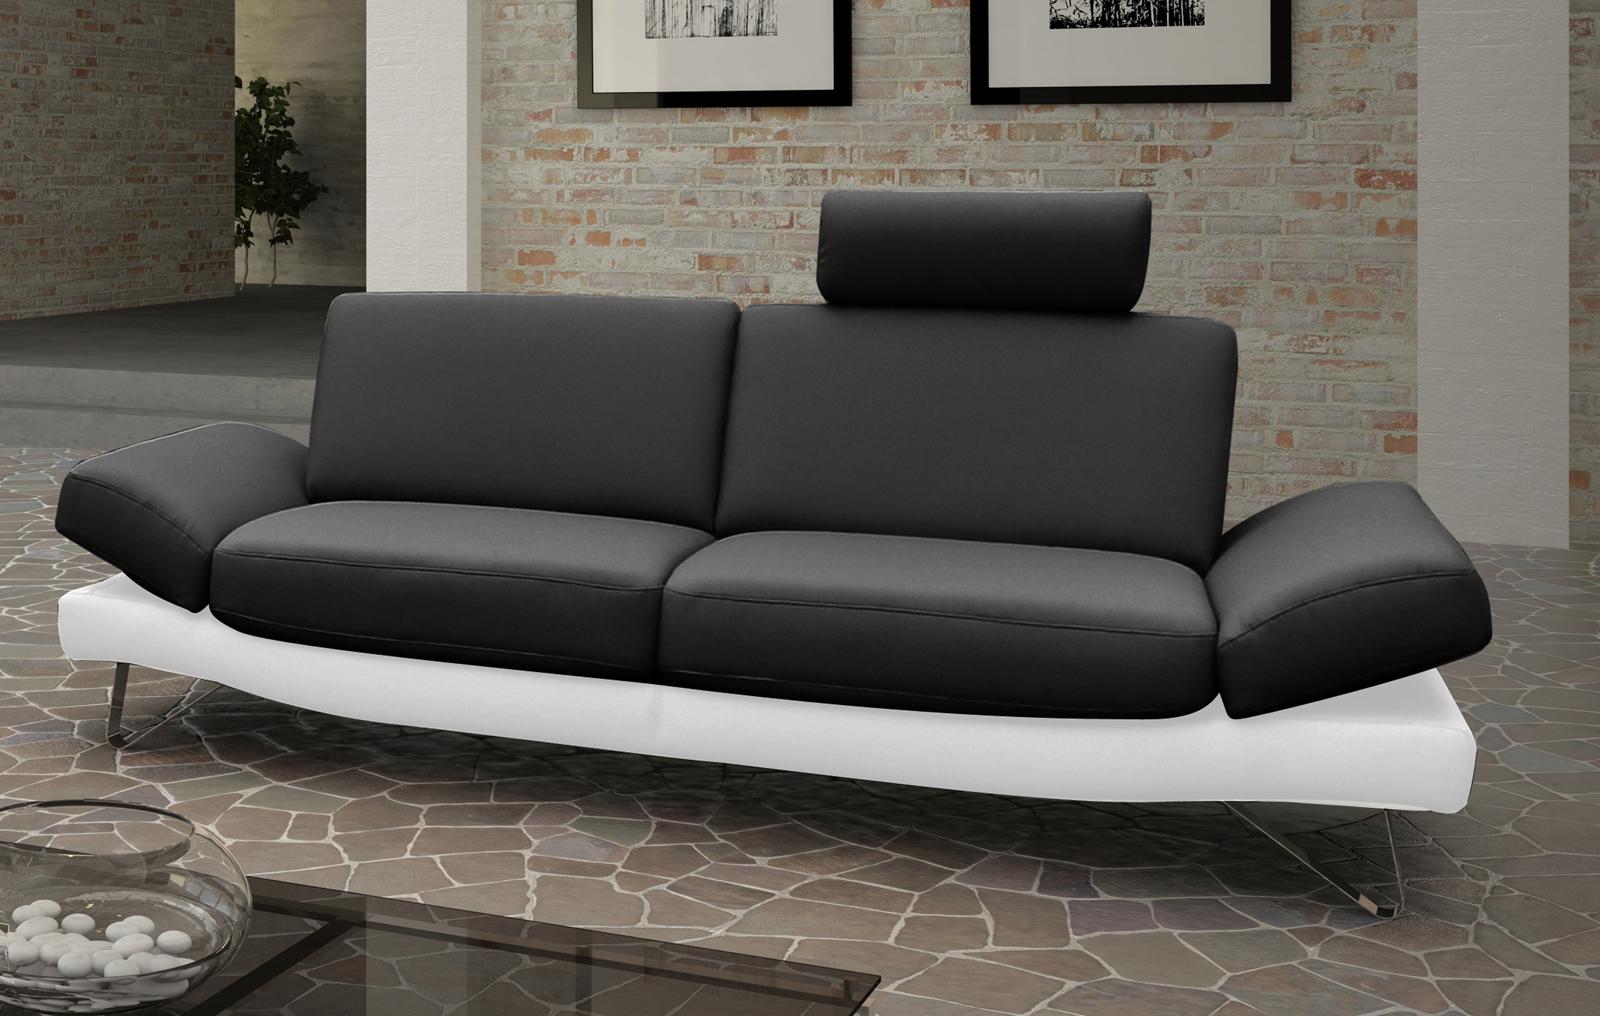 Design polstermöbel  SAM® Design Sofa Garnitur 2 & 3 Sitzer schwarz weiß CLASSIC